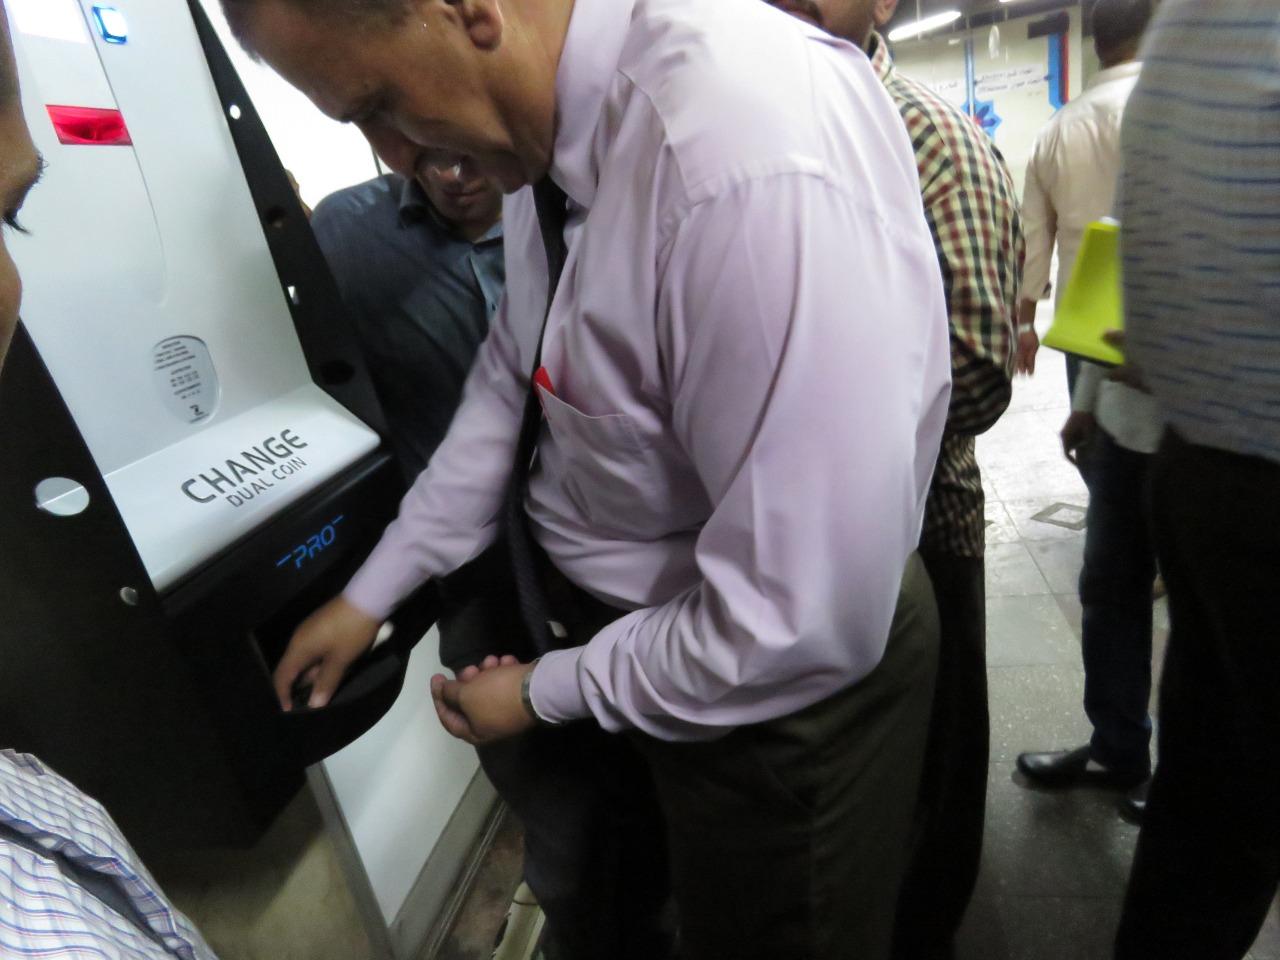 المالية تدرس تعميم تجربة ماكينات الصراف الآلى فى باقى محطات المترو